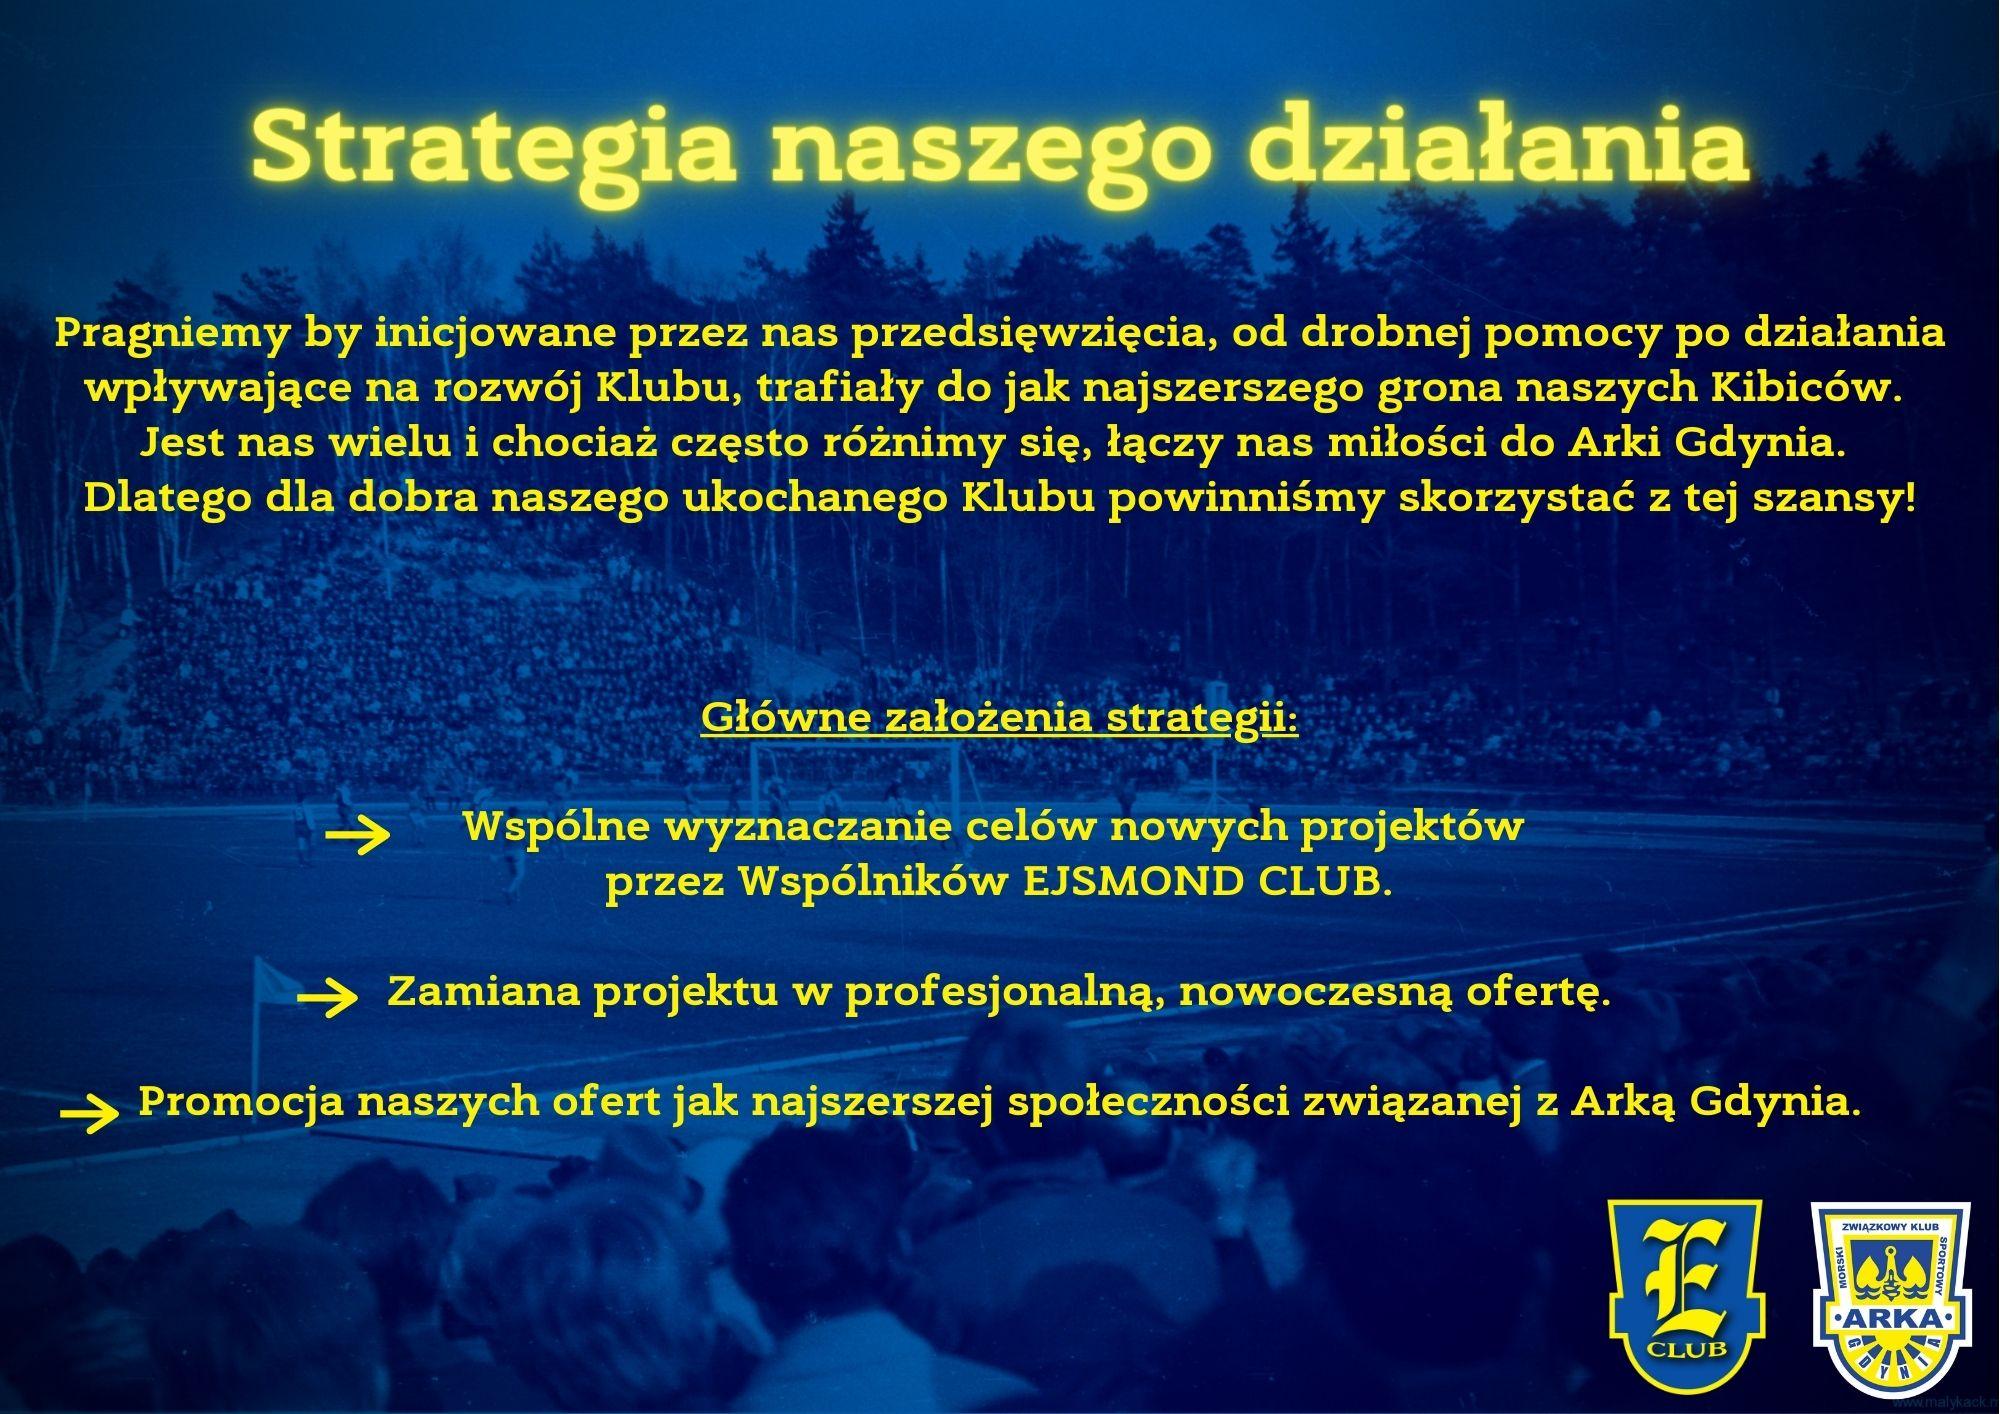 Strategia EJSMOND CLUB